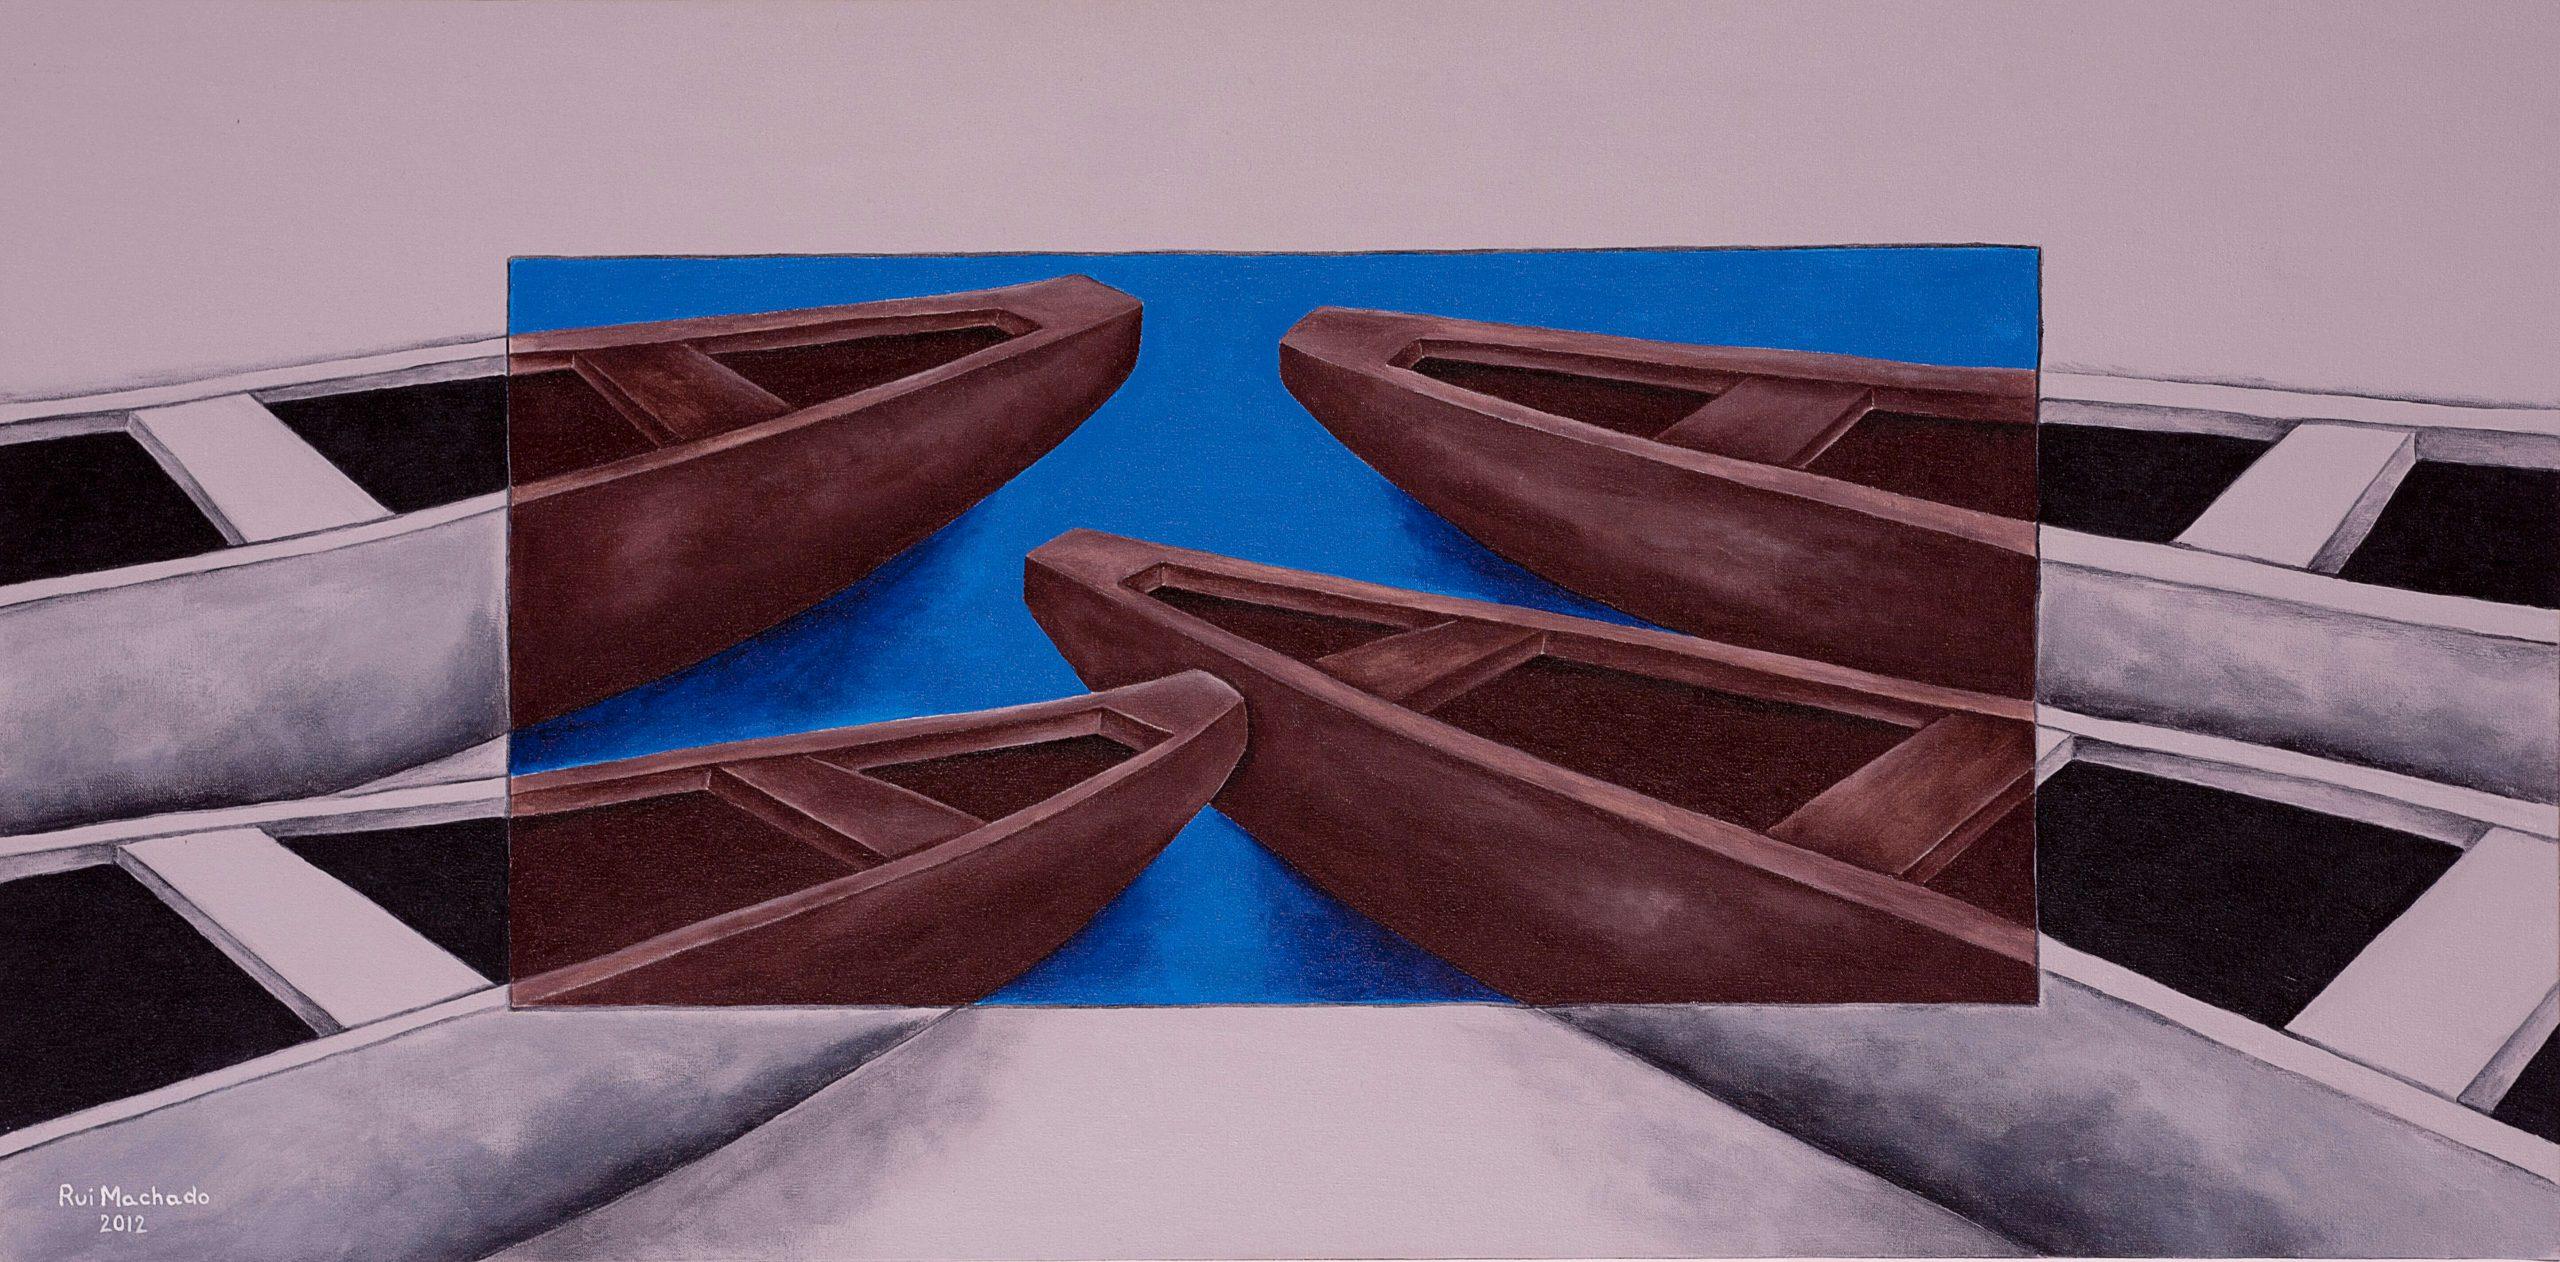 """Série: """"Colorindo a vida"""", (100 x 50 cm), acrílica sobre tela, 2012"""